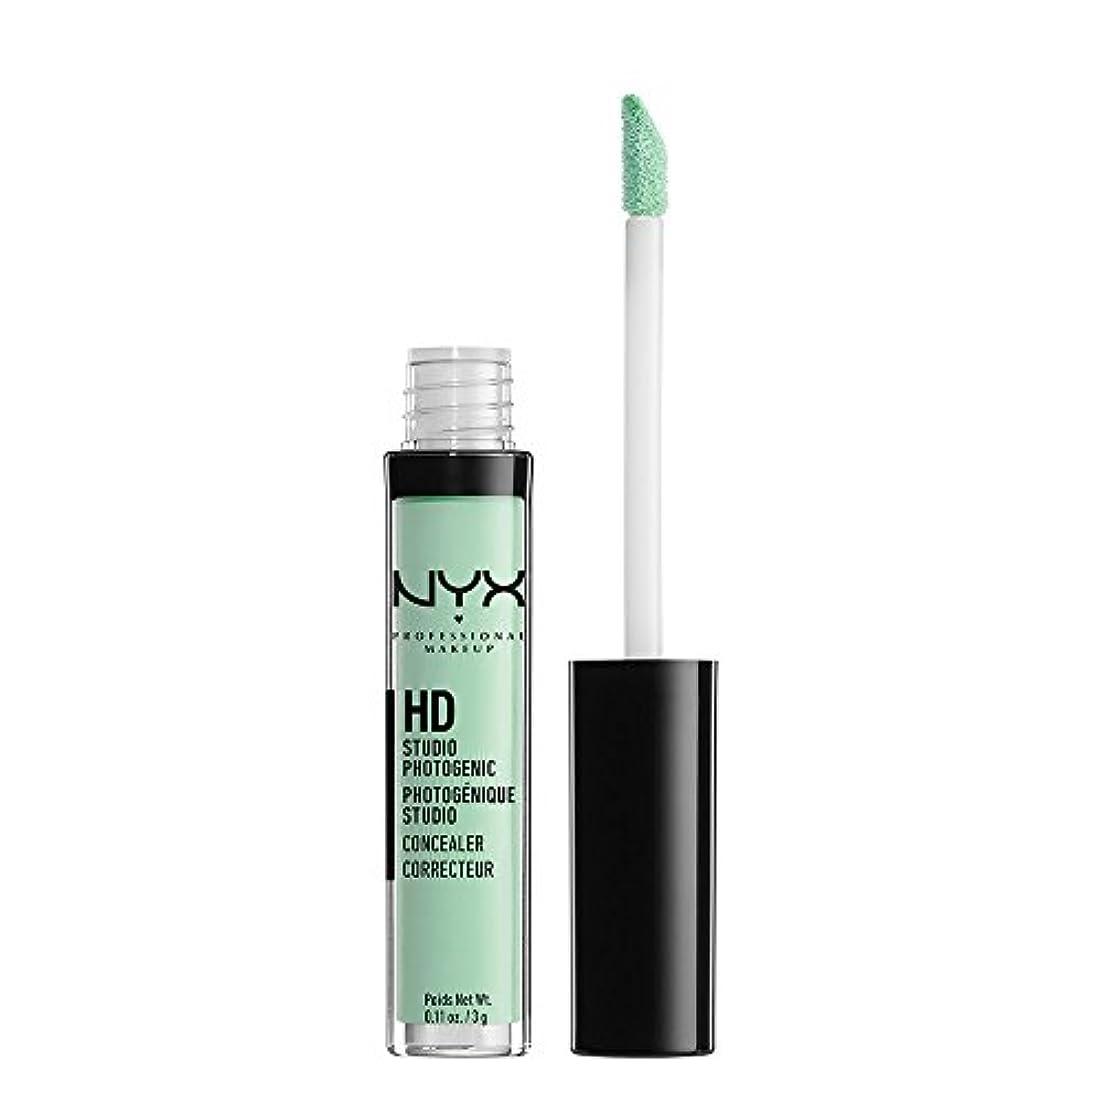 呼吸するインタフェース気分が悪いNYX(ニックス) コンシーラー ワンド 12 カラーグリーン